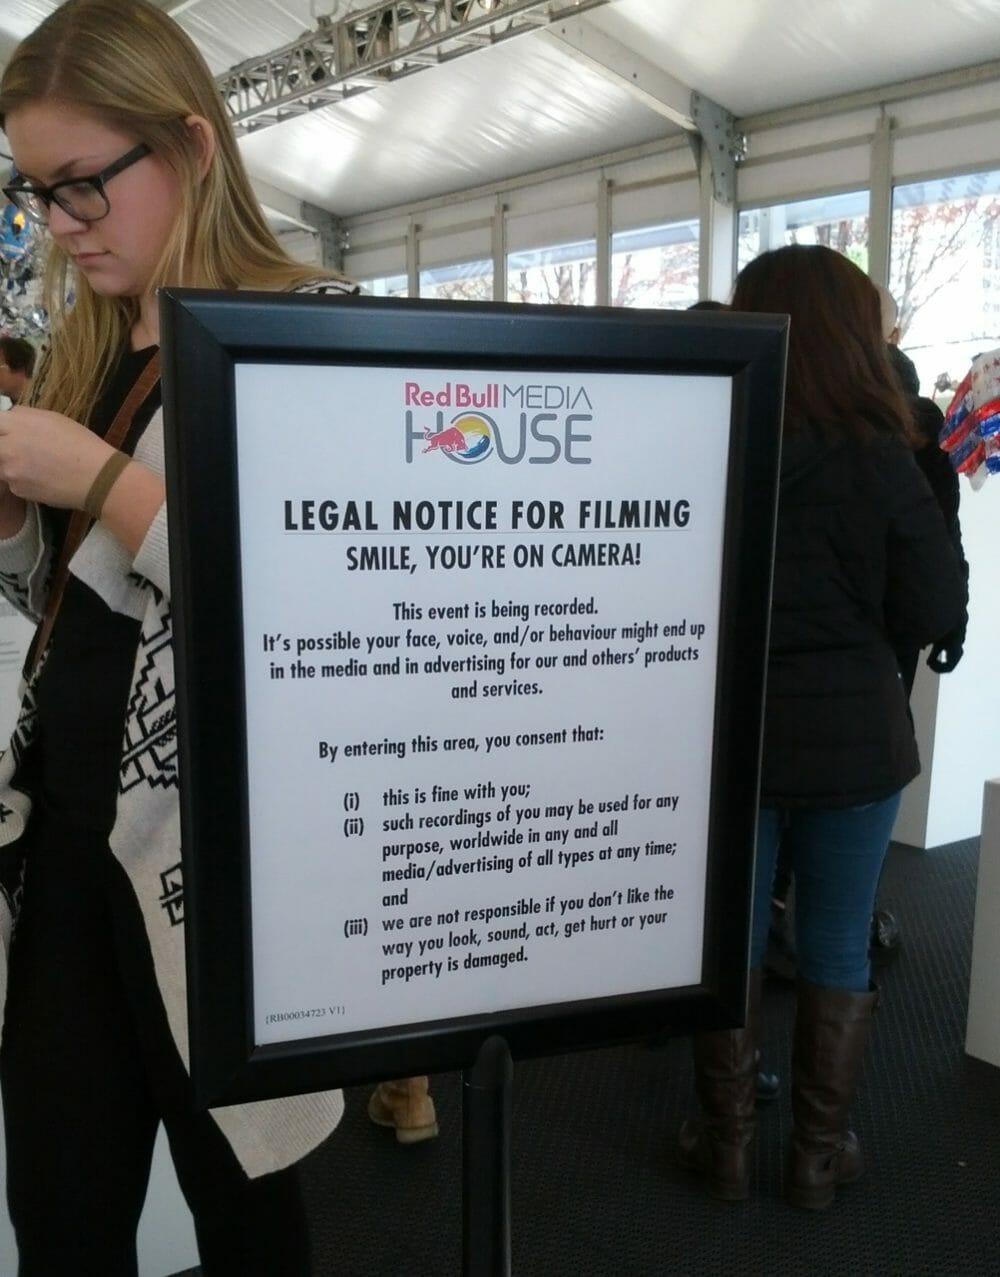 LegalNoticeForFilming